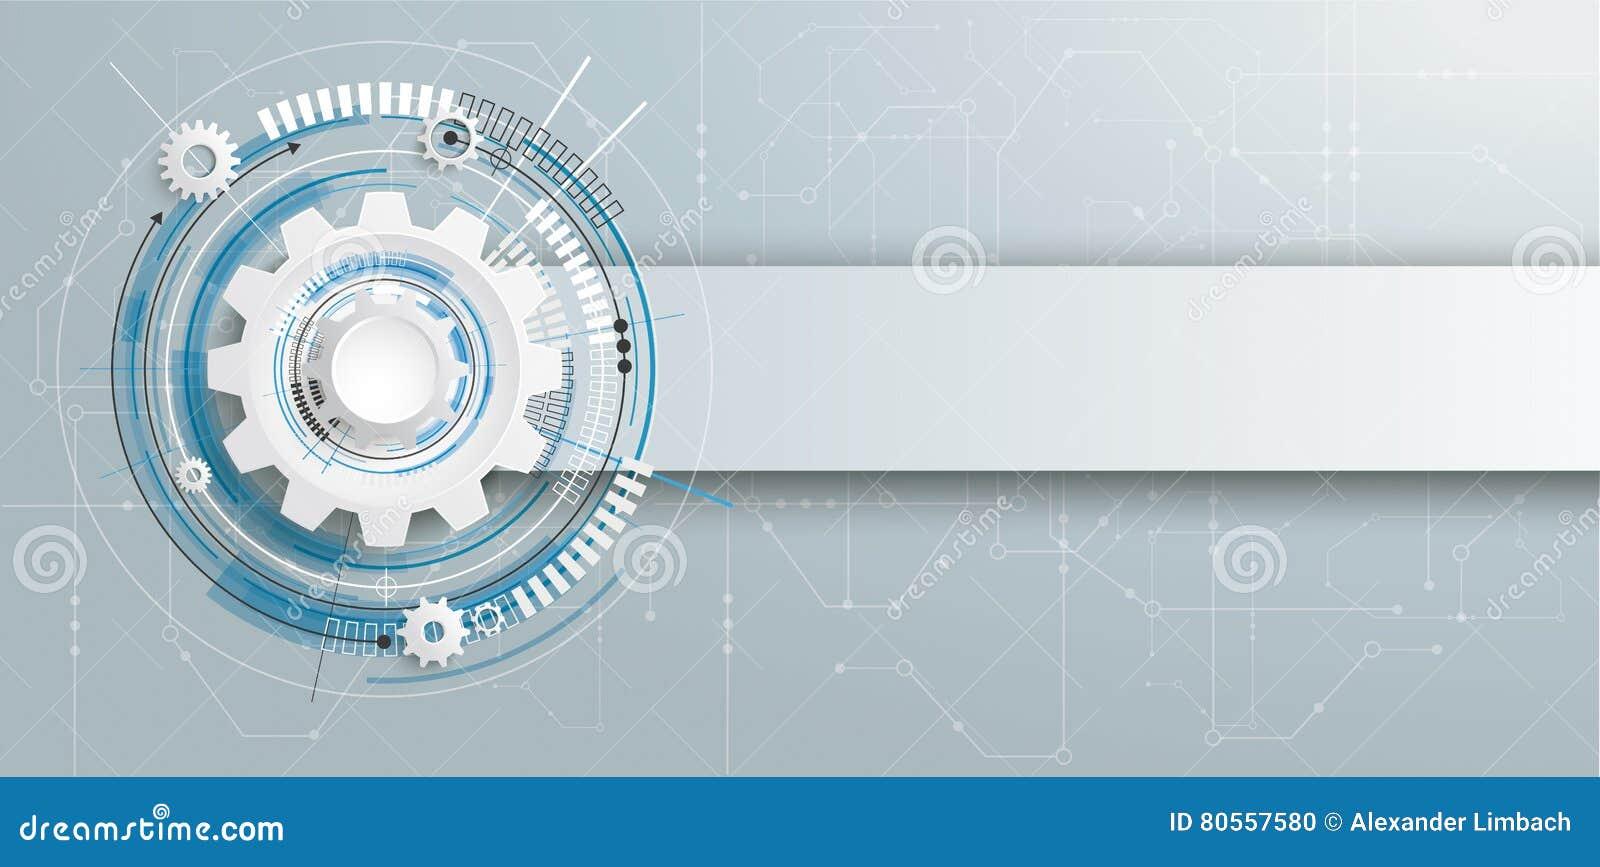 Futuristic Gear Construction Circuit Board Banner Stock